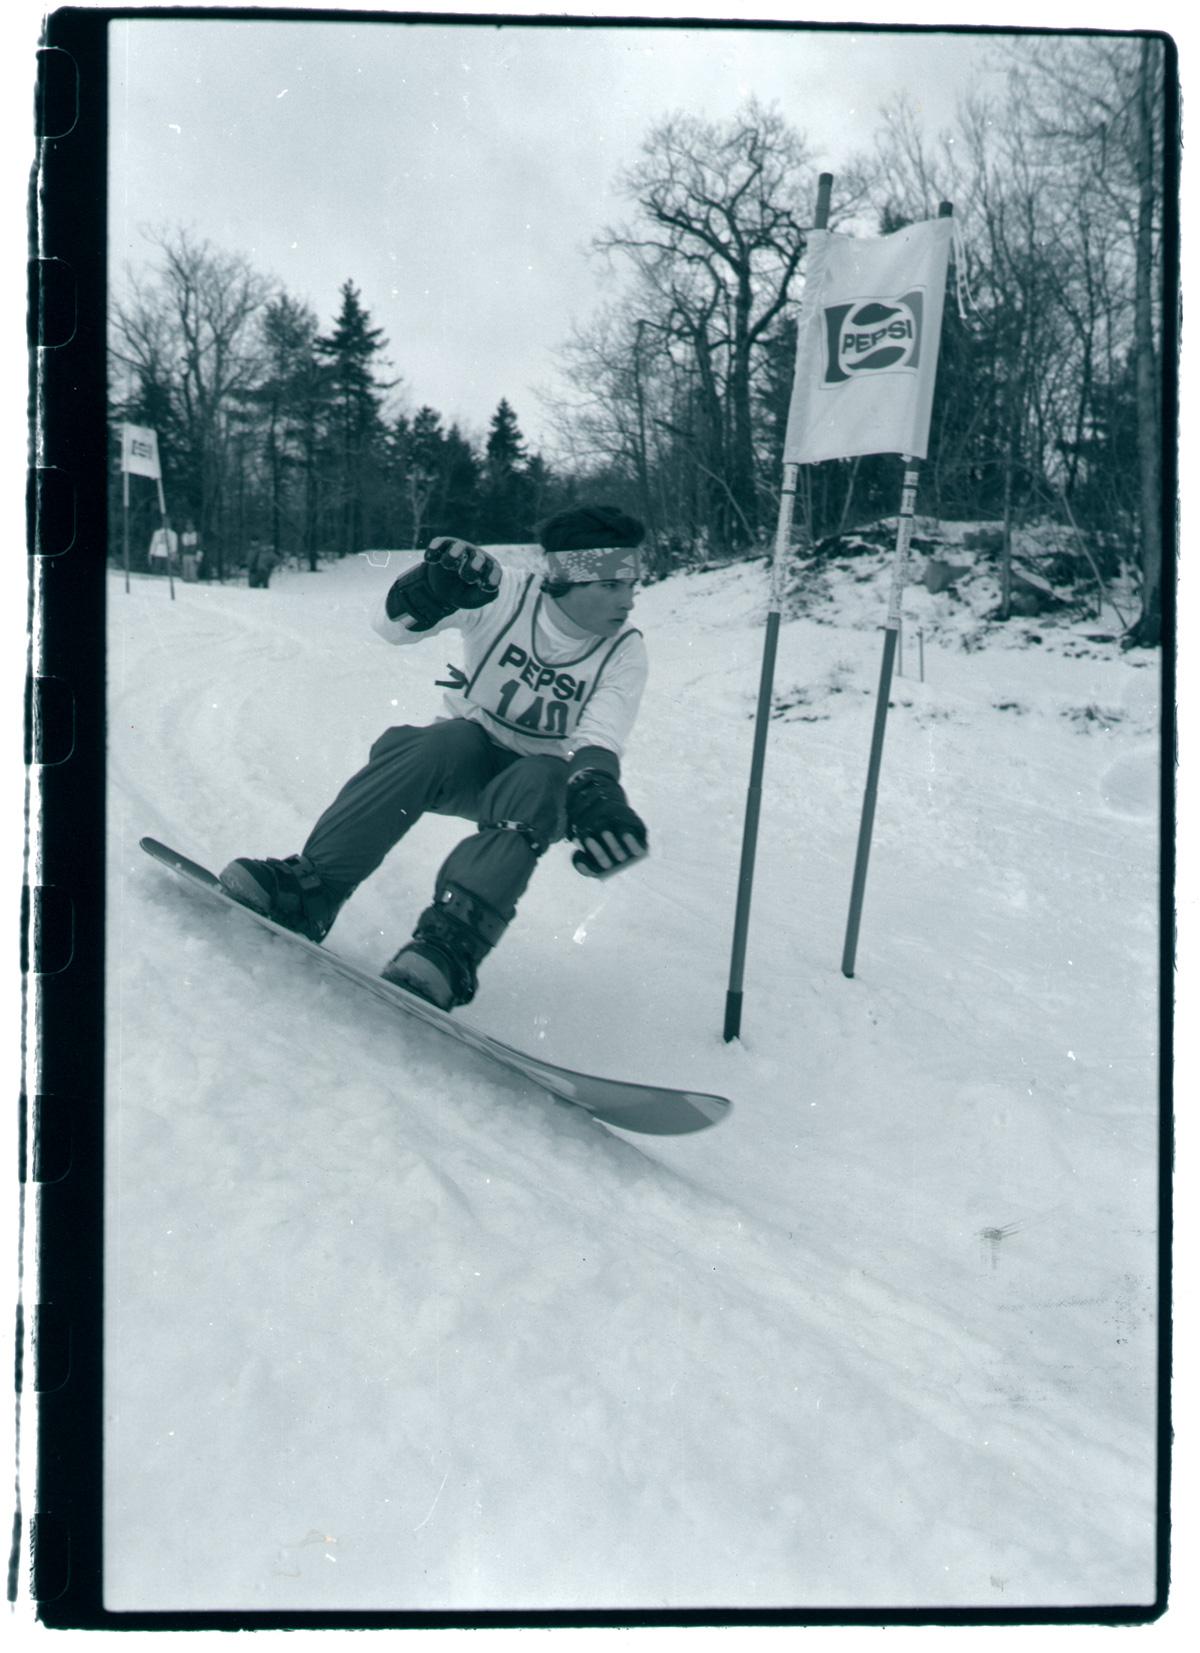 Jeff Brushie, 1986